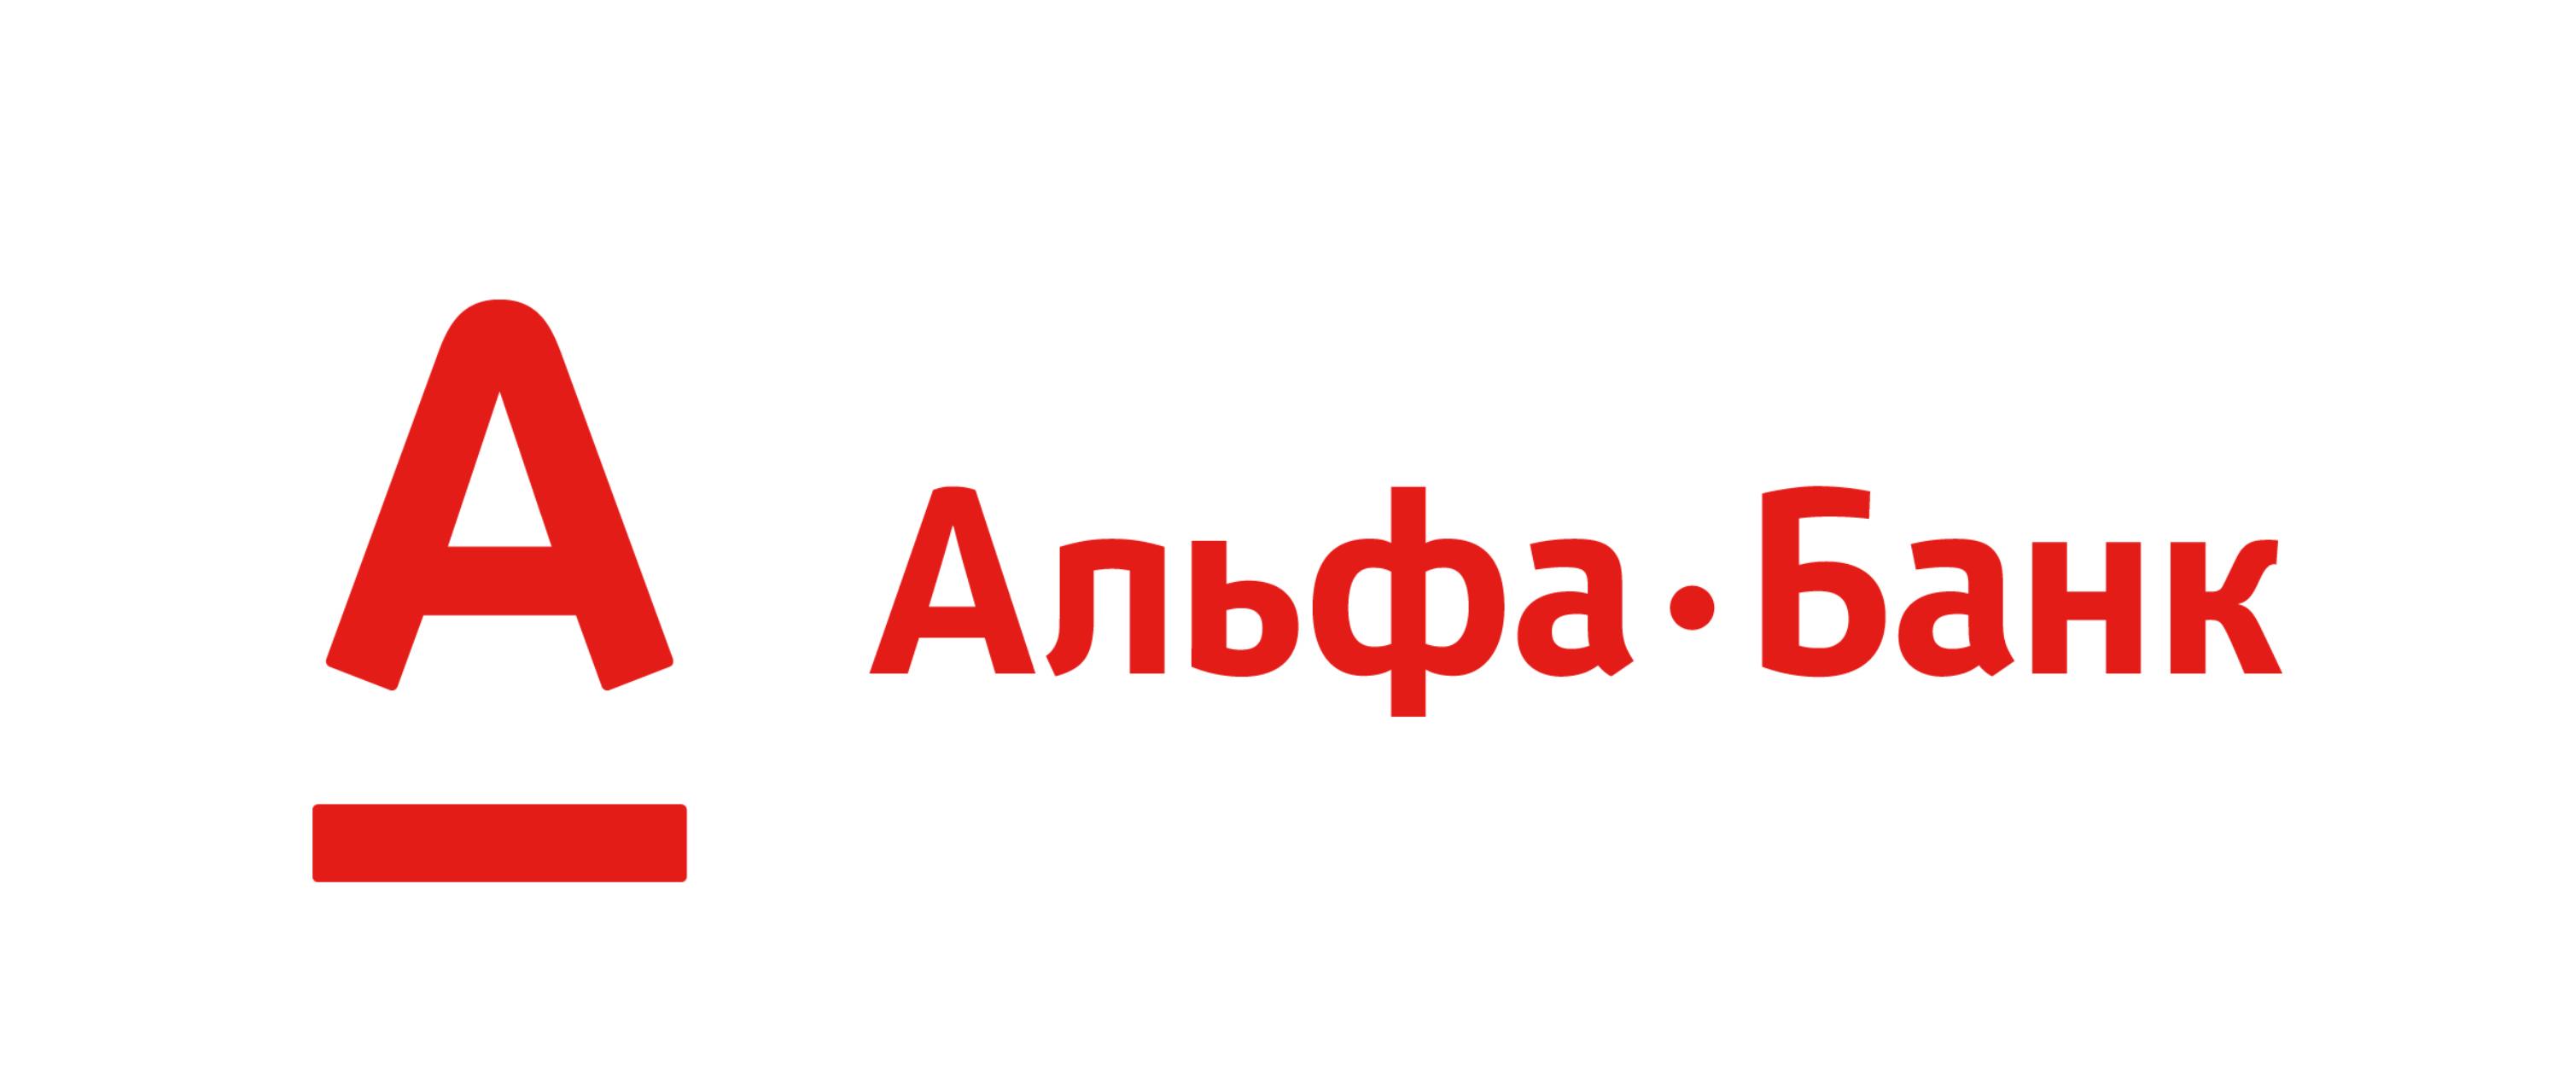 Альфа банк — 100 дней без %